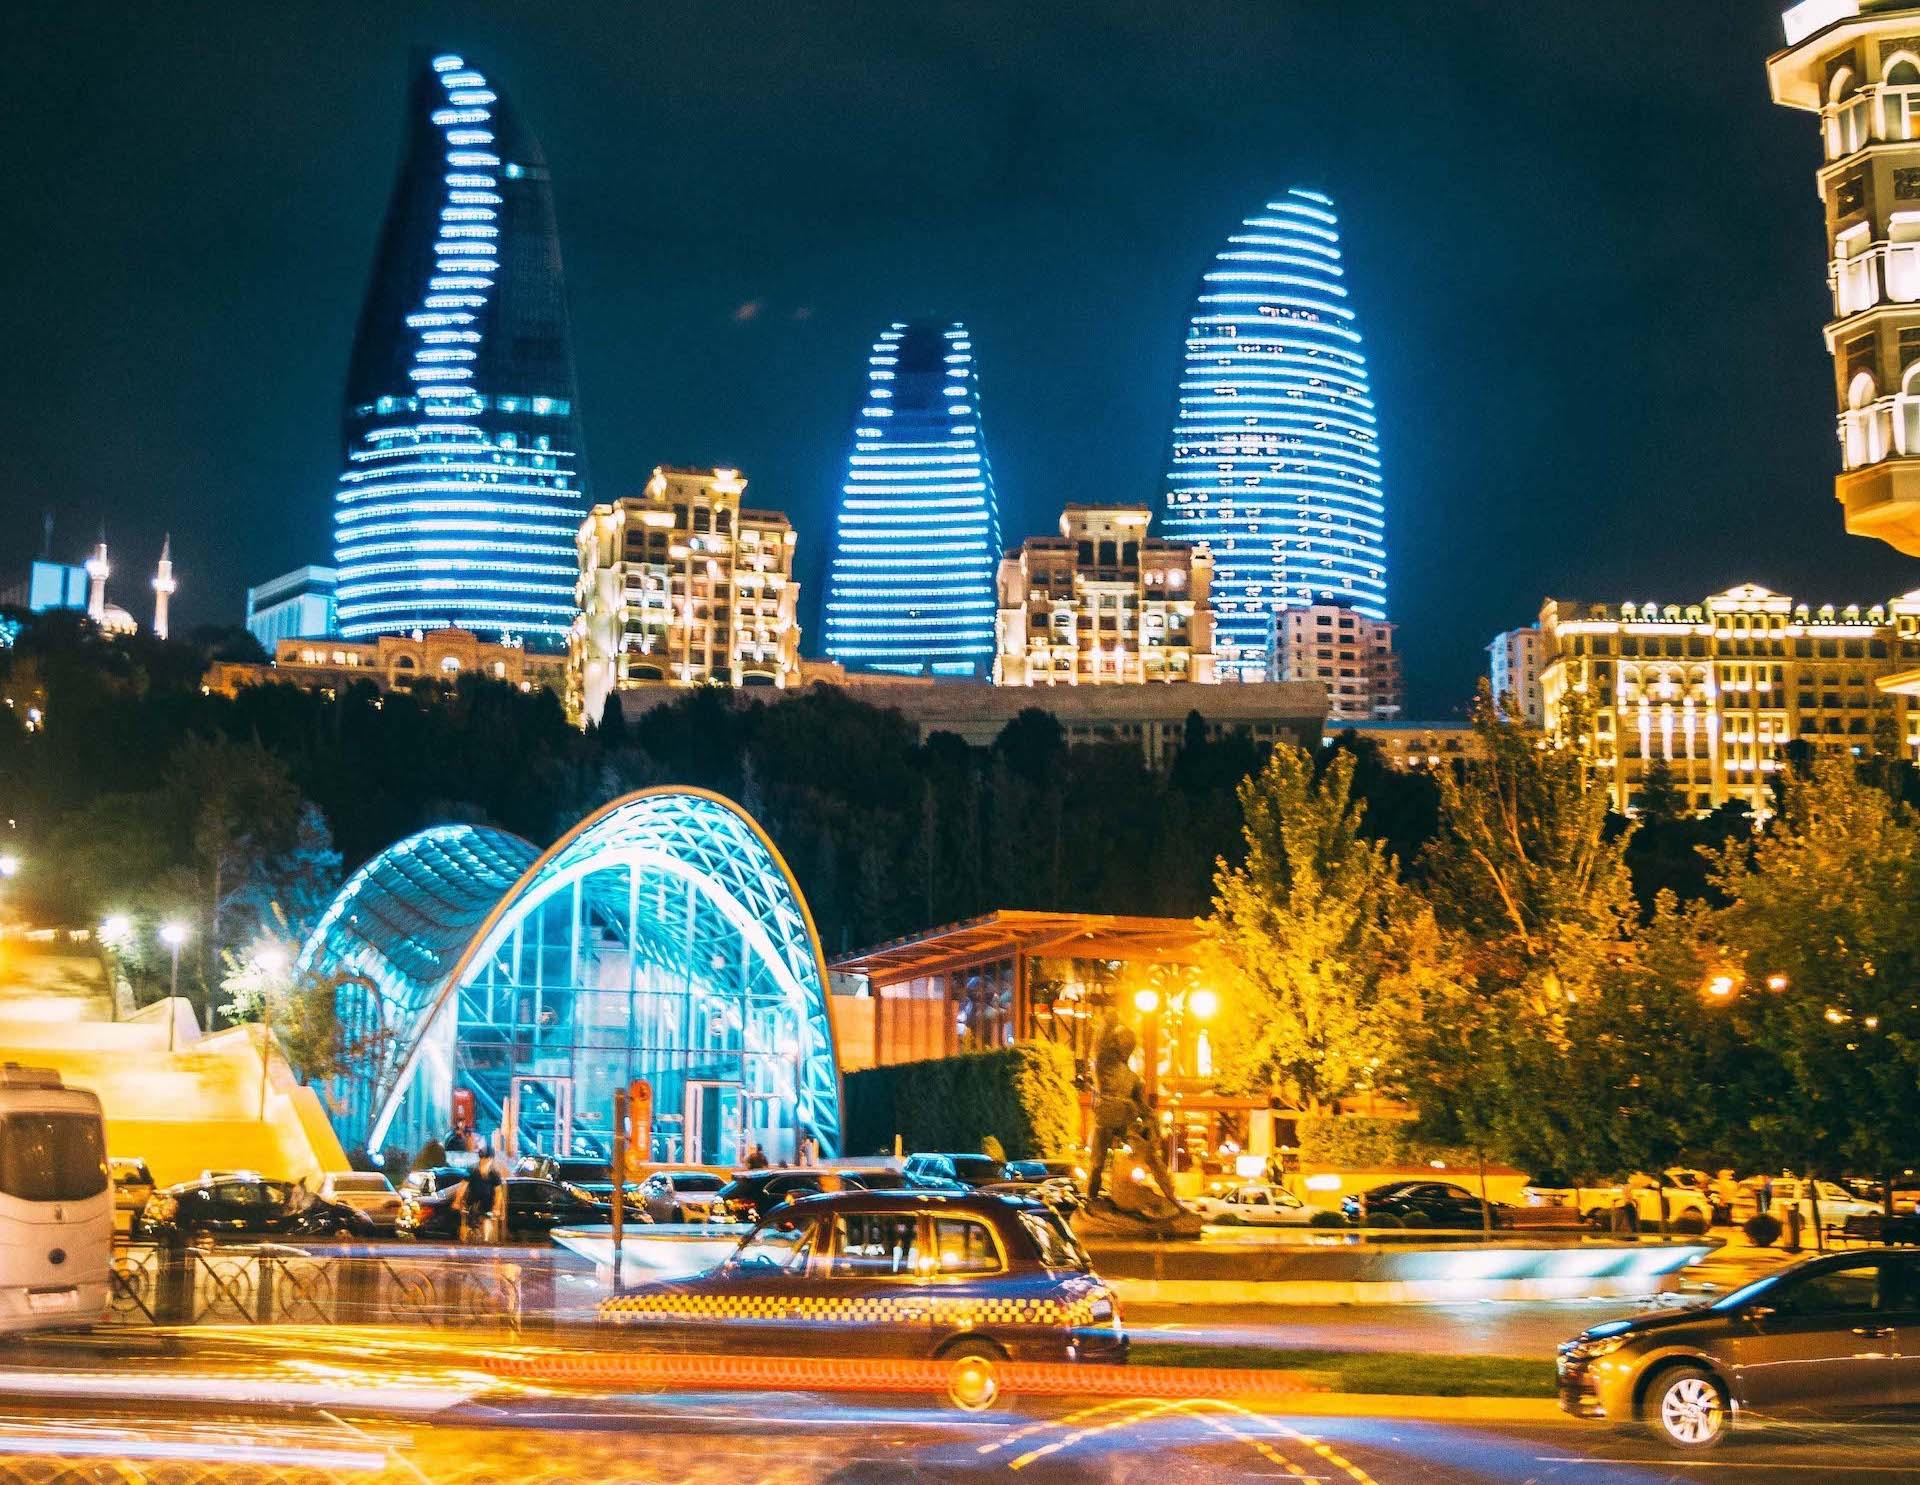 baku_azerbaijan_flame_towers_night